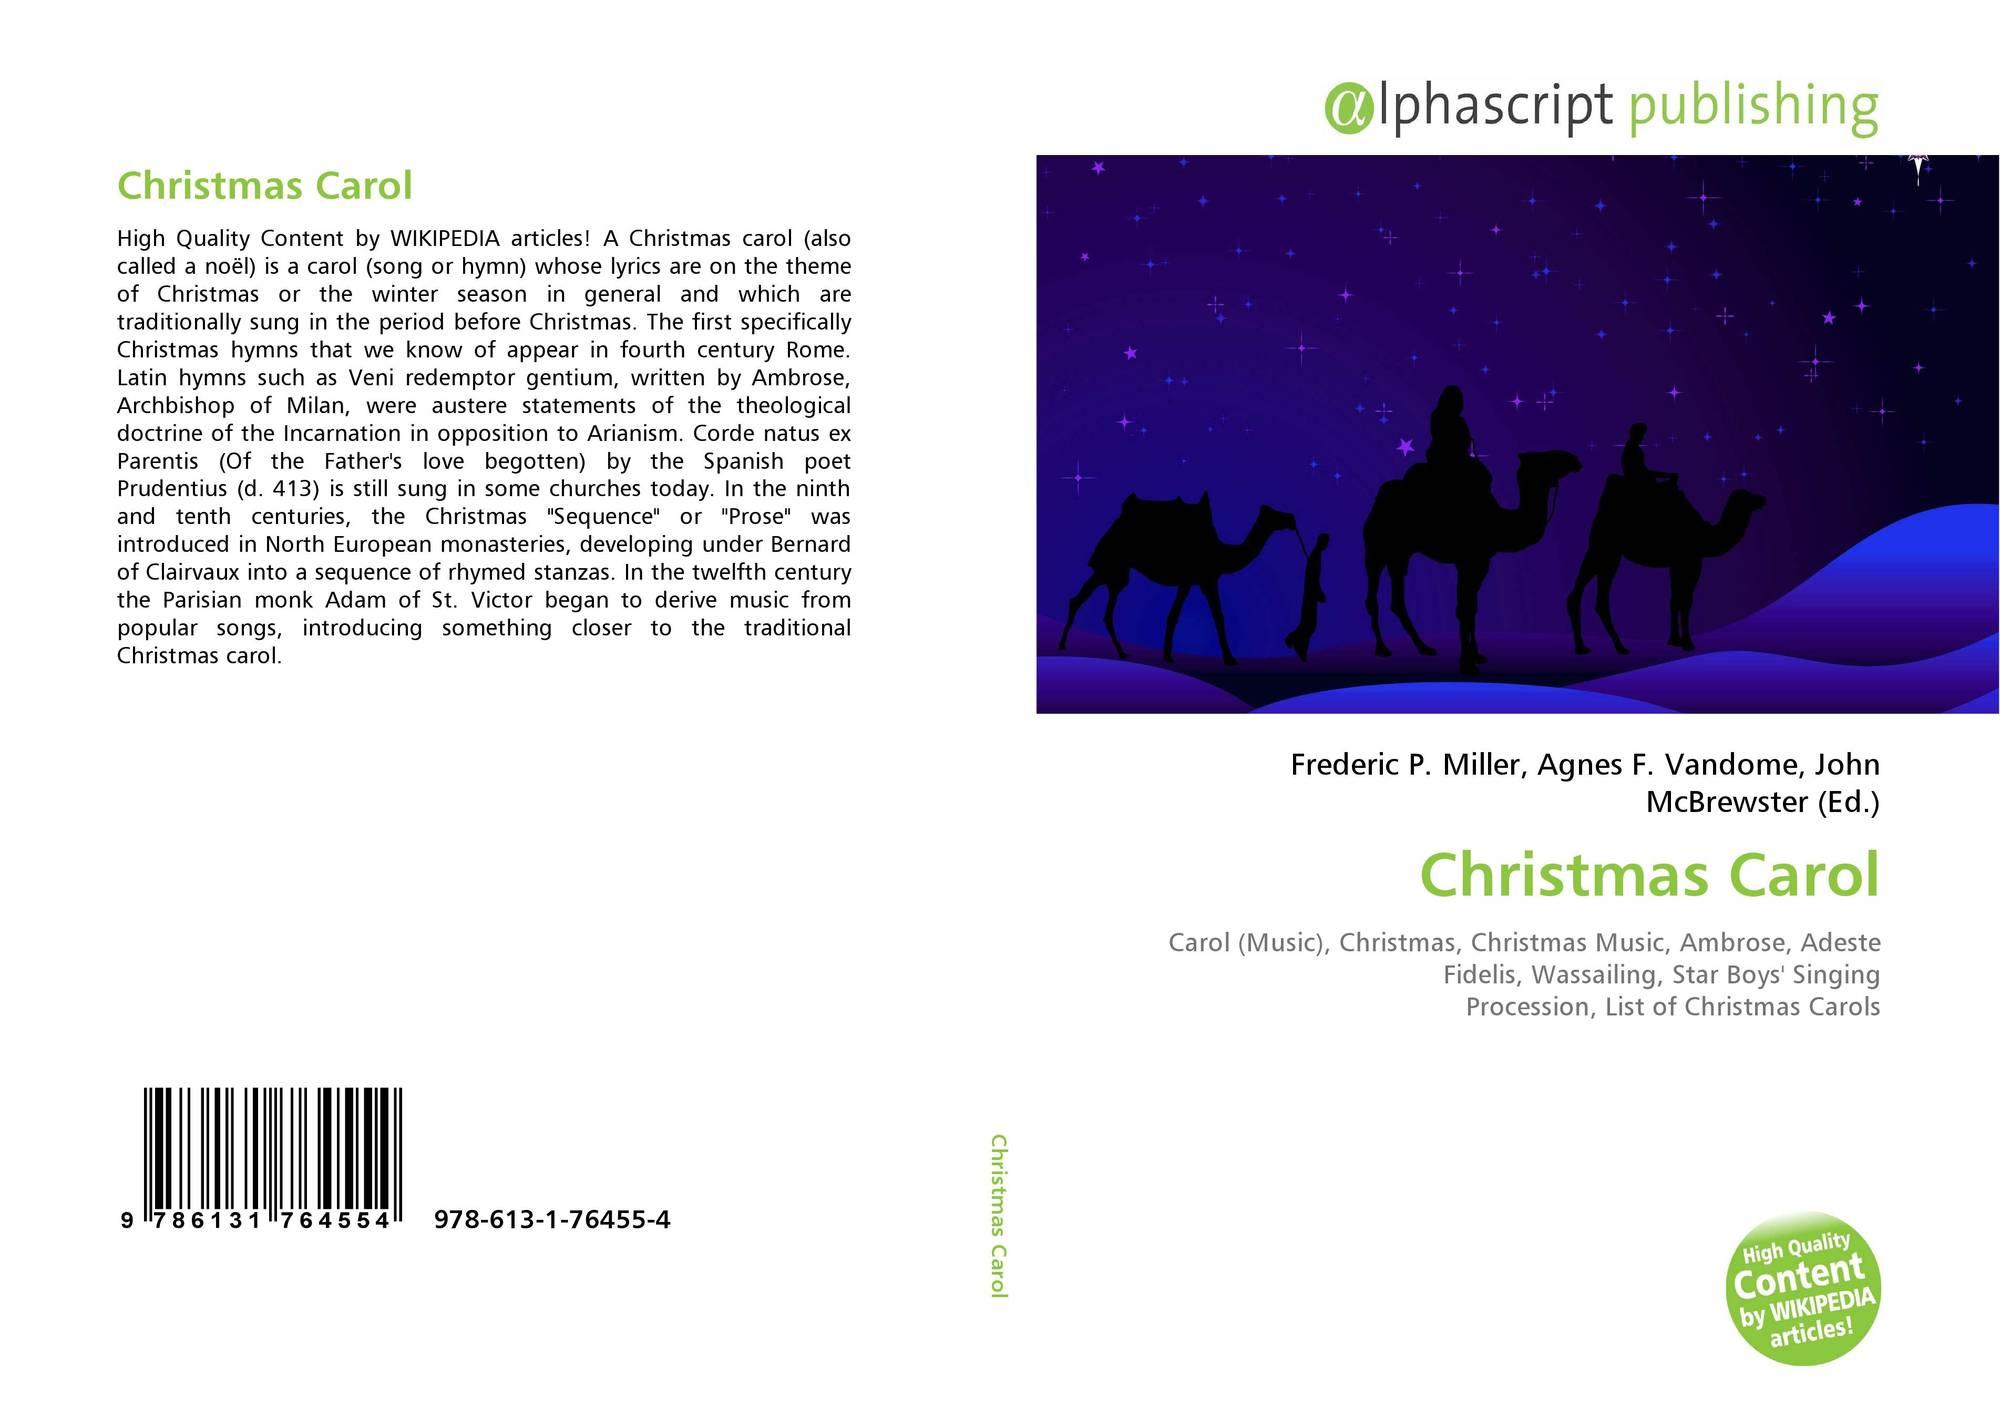 Christmas Carol, 978-613-1-76455-4, 6131764557 ,9786131764554